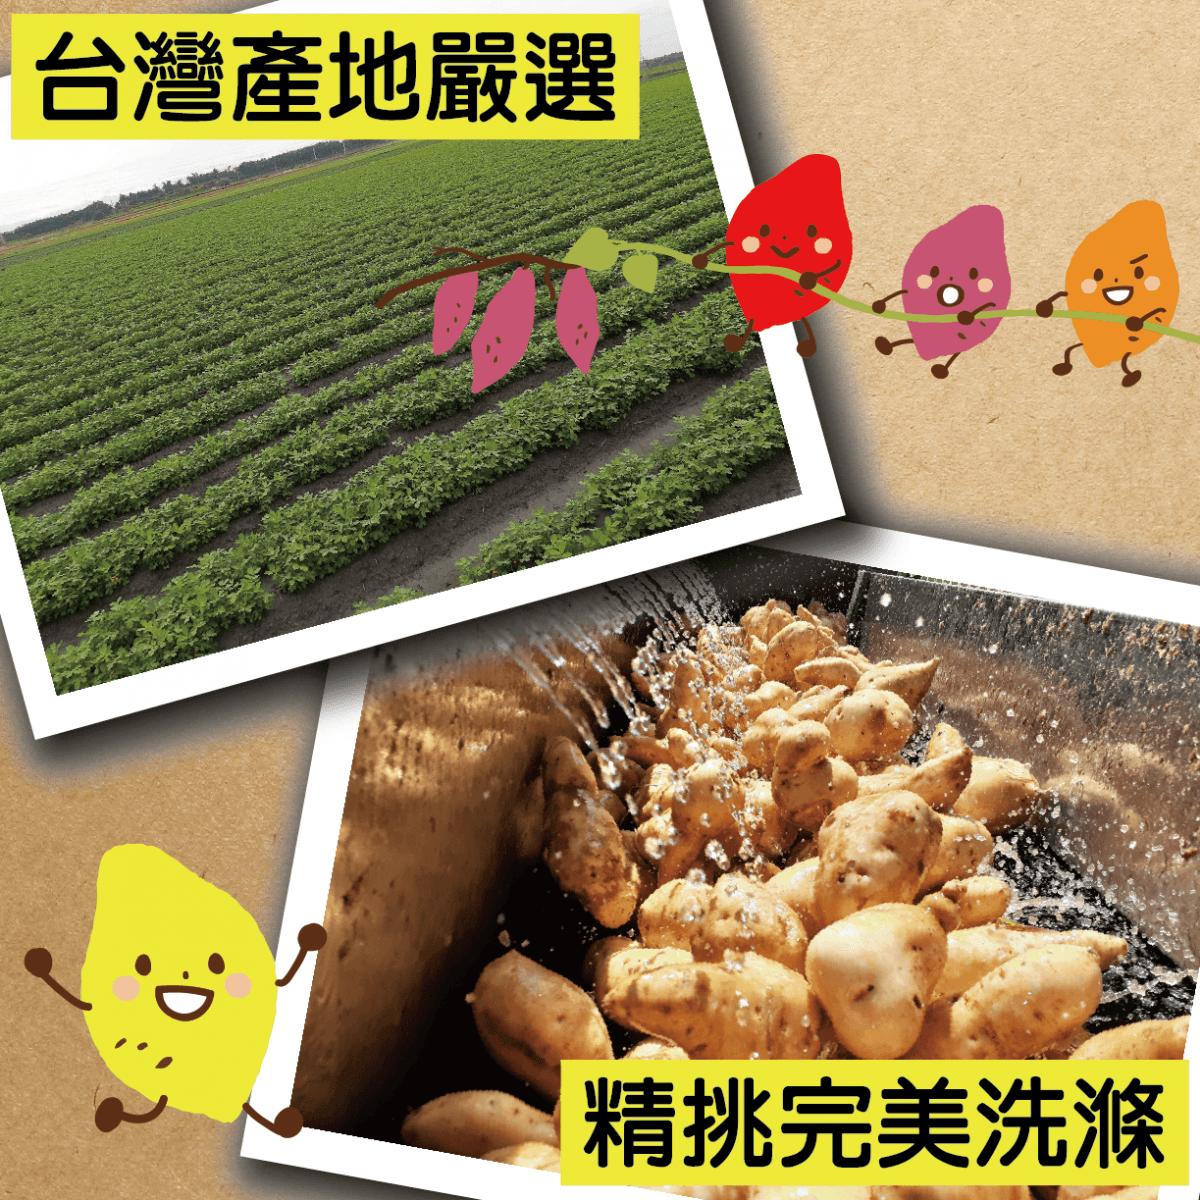 【田食原】新鮮栗子冰烤地瓜 800g 日本品種  養生健康 減醣必備 健身餐  低熱量 低GI 3